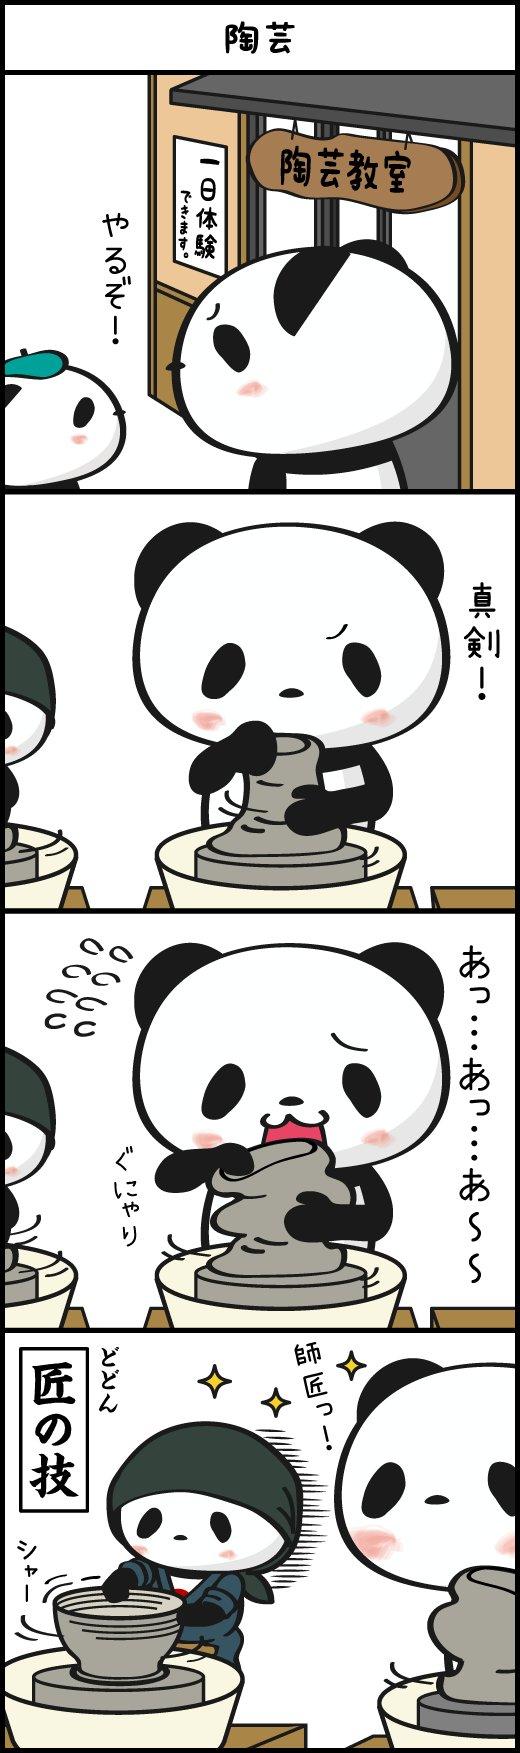 お買いものパンダ 公式 Rakuten Panda さん Twitter Panda Character Fictional Characters